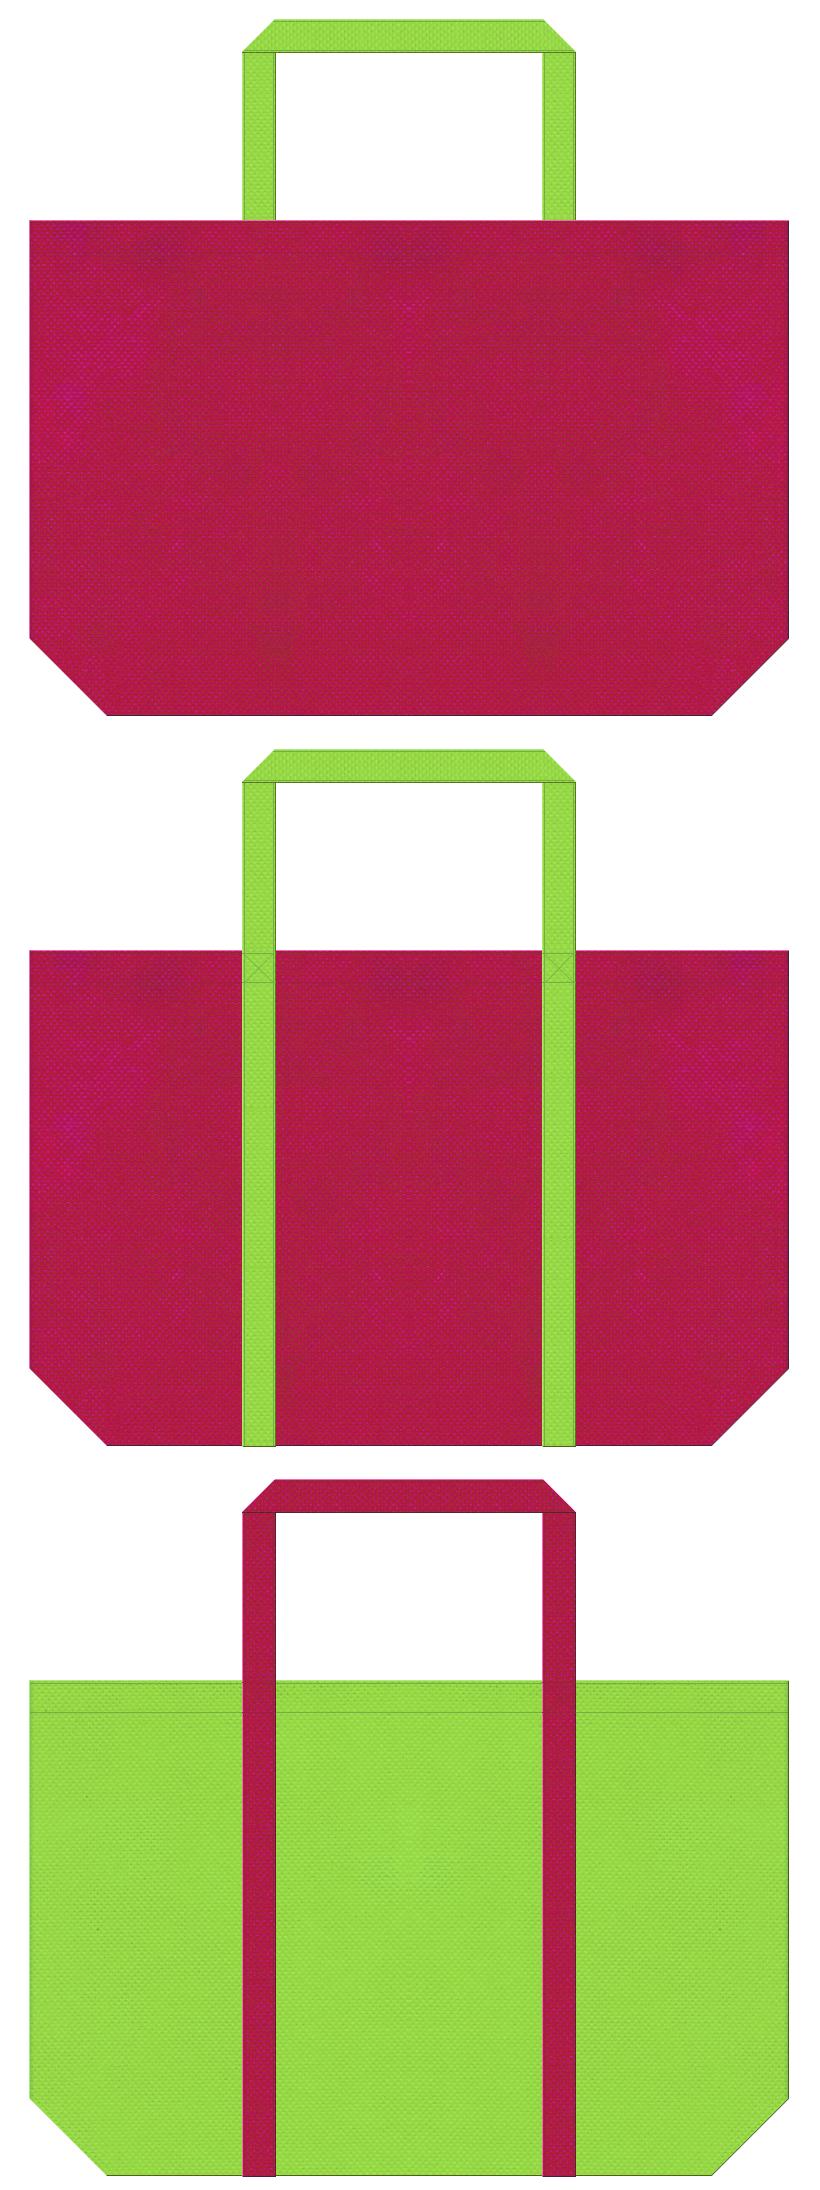 ロードレース・ドラゴンフルーツ・南国・トロピカル・カクテル・リゾート・フルーツのショッピングバッグにお奨めの不織布バッグデザイン:濃いピンク色と黄緑色のコーデ